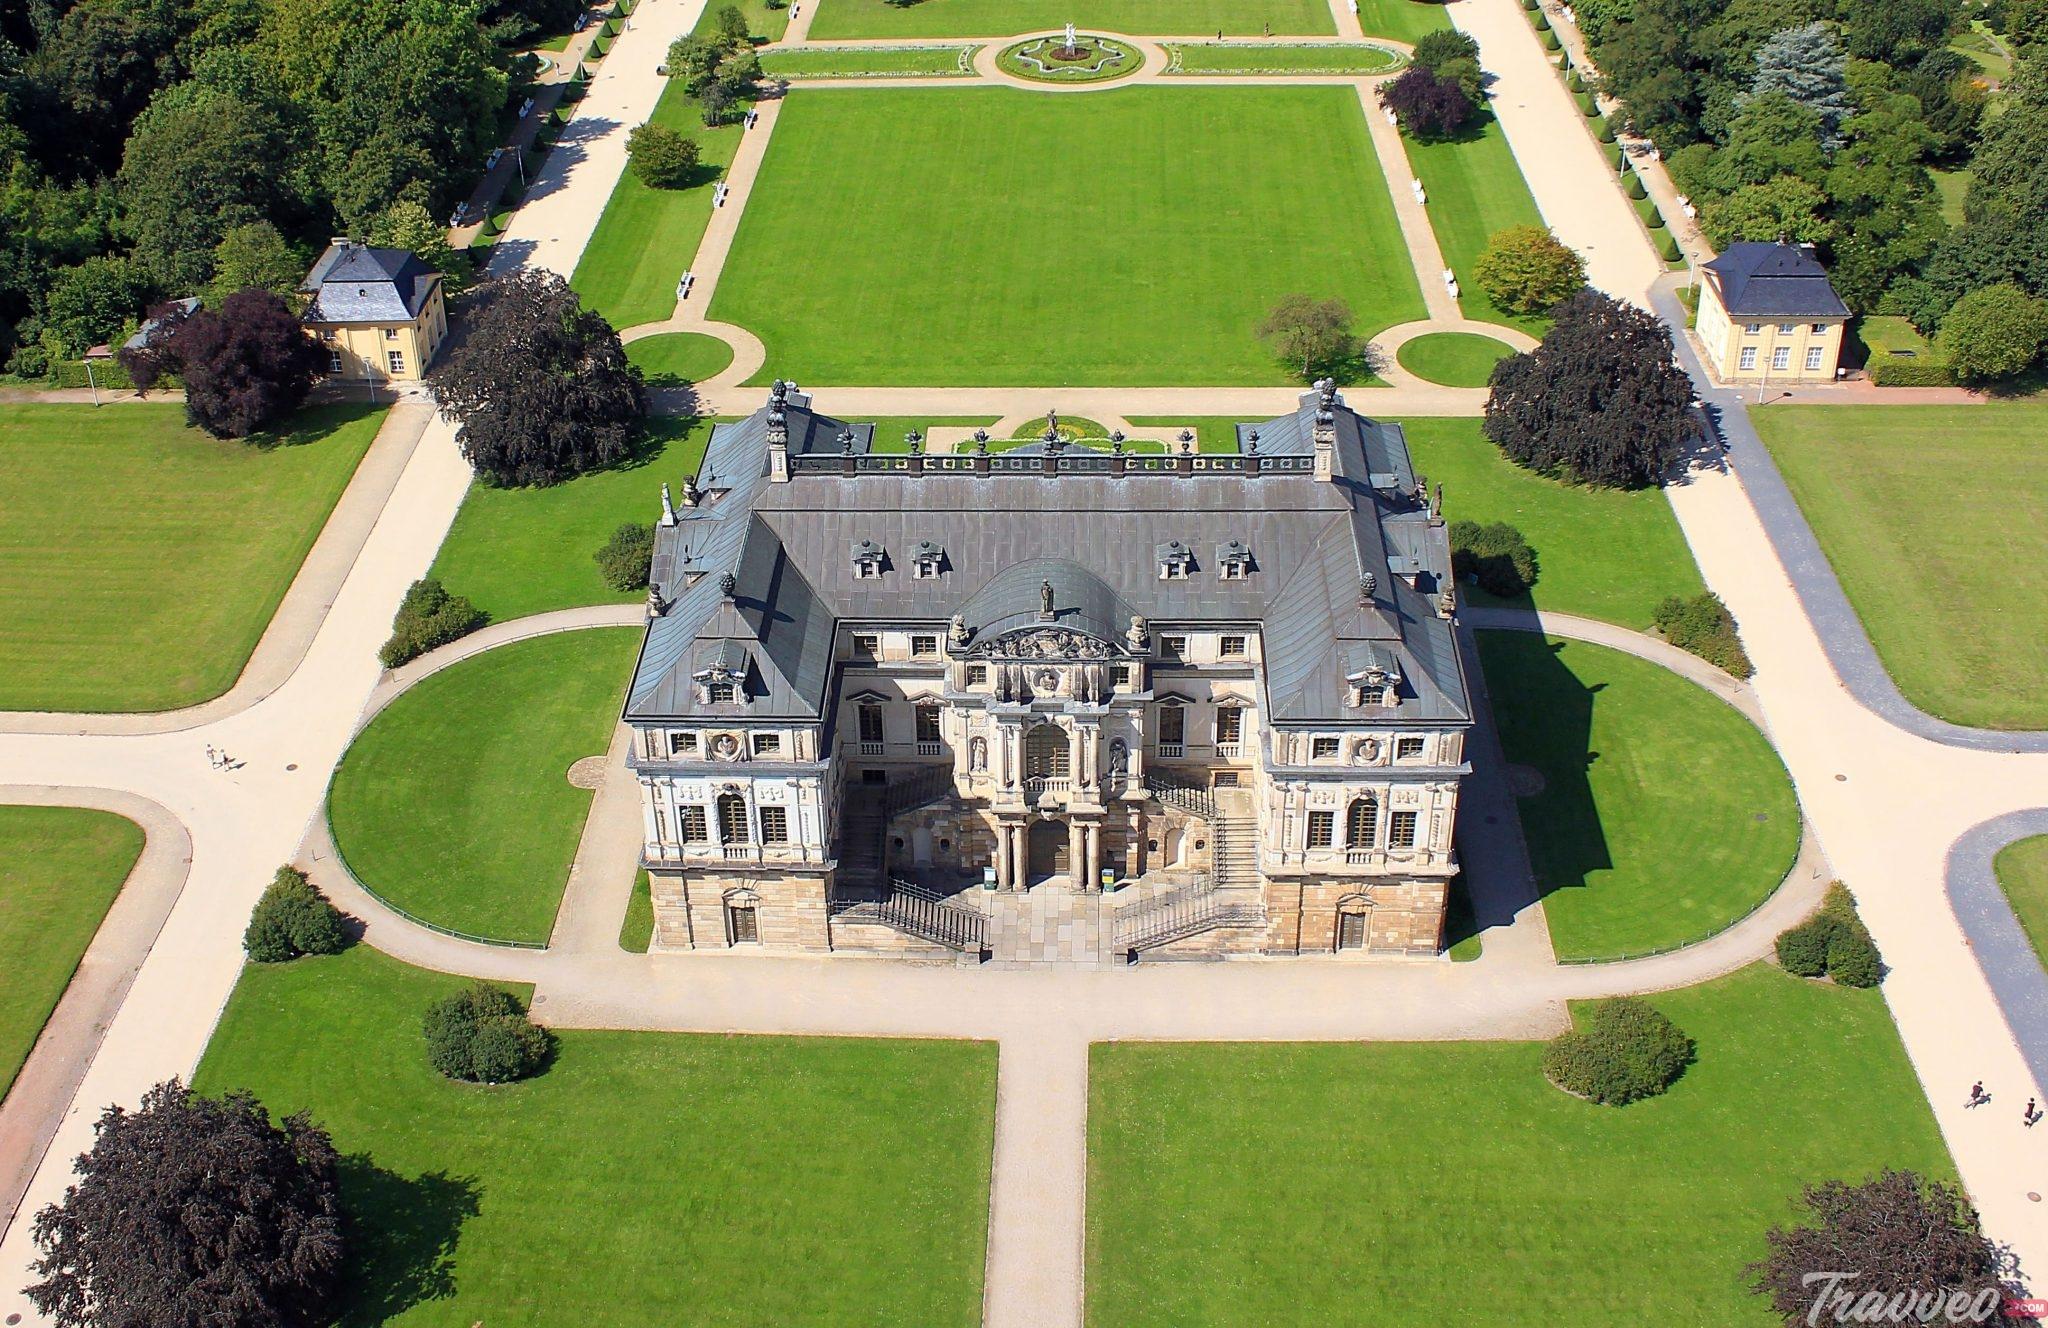 افضل اماكن السياحة في درسدن المانيا